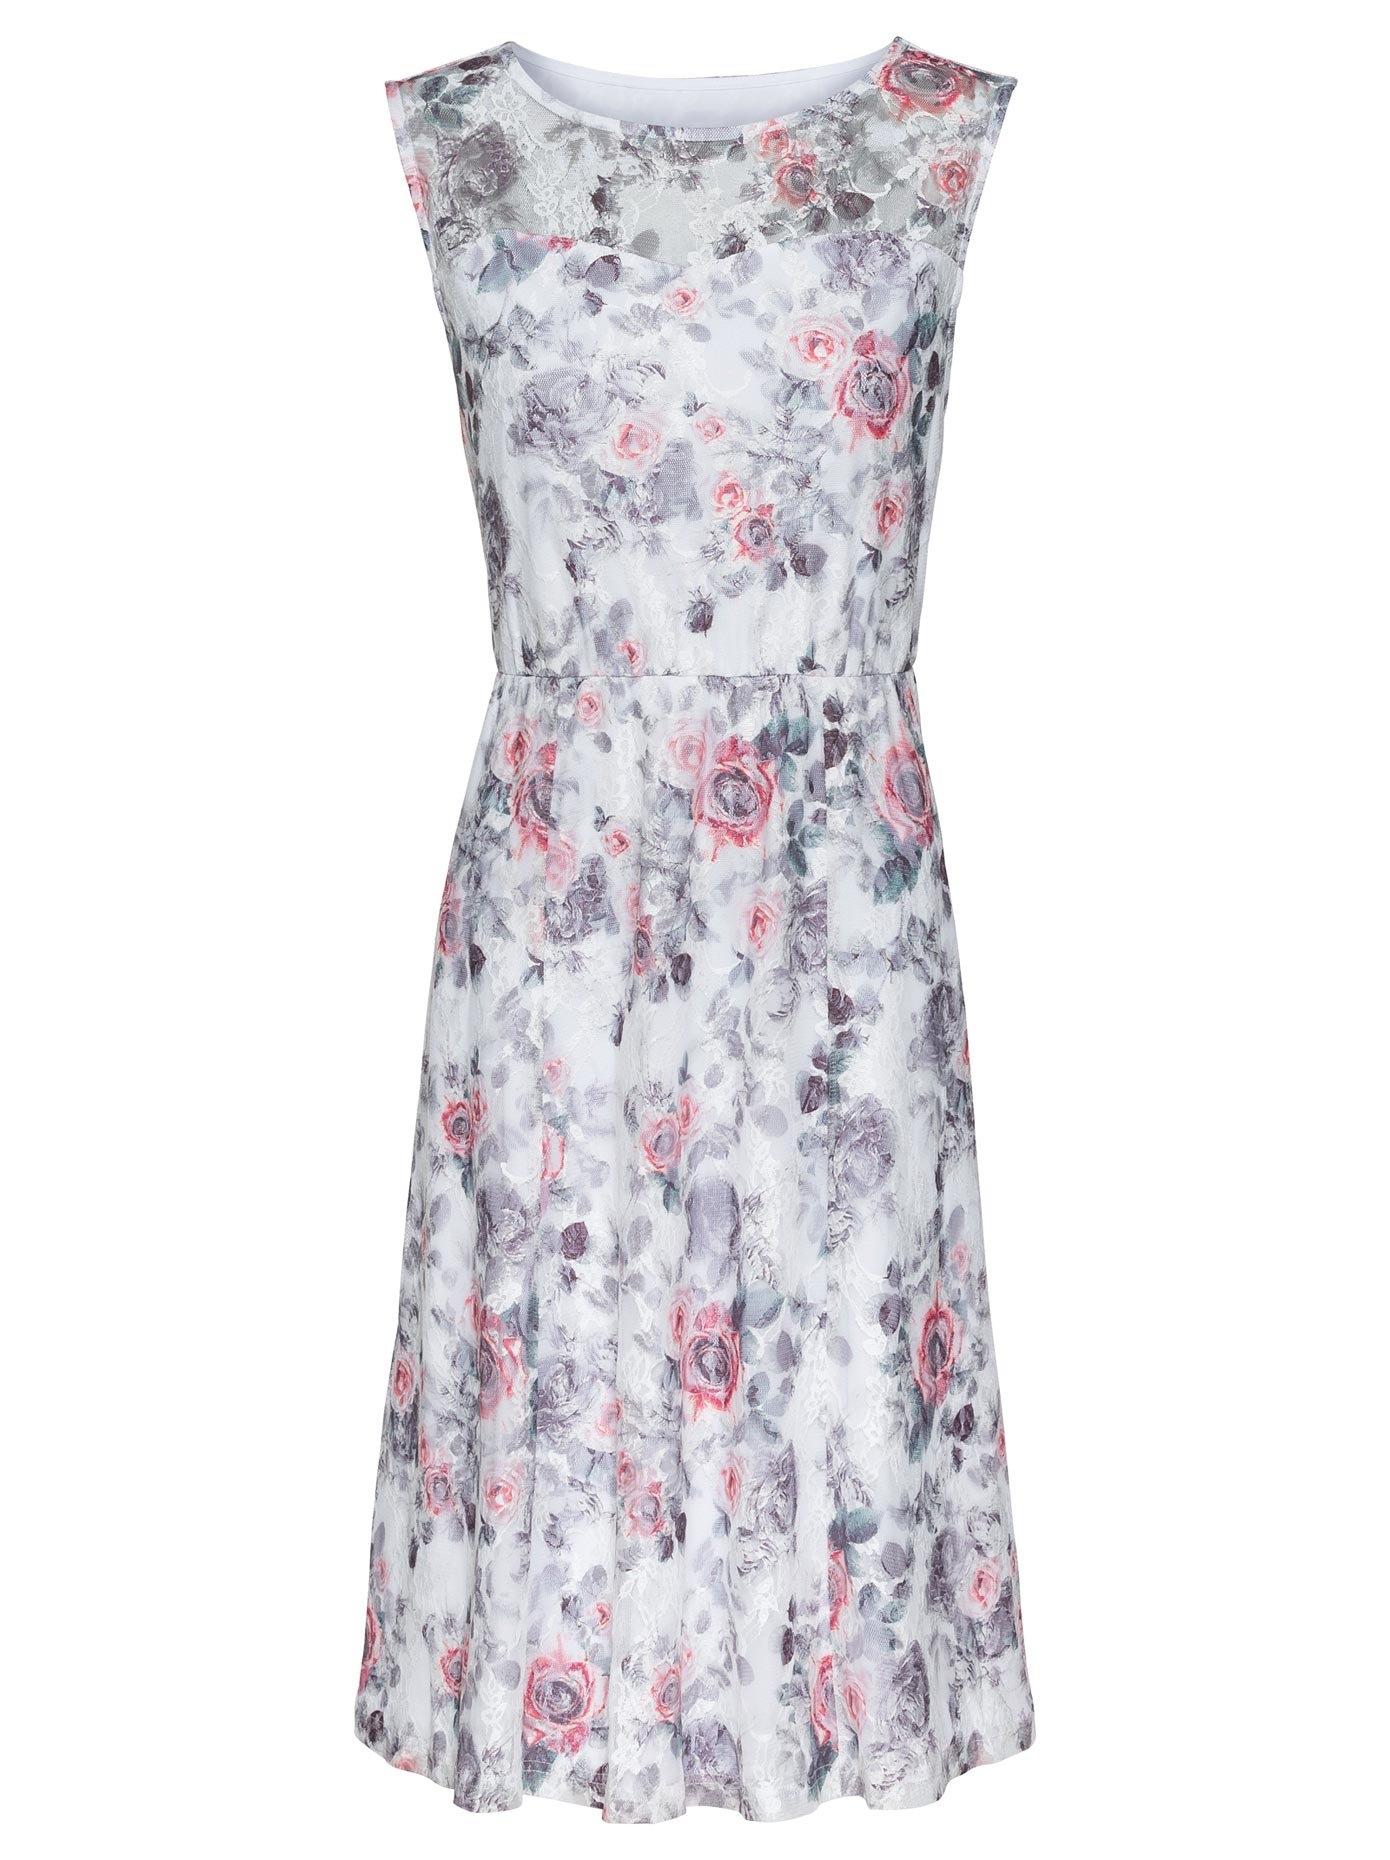 Classic Inspirationen gedessineerde jurk voordelig en veilig online kopen